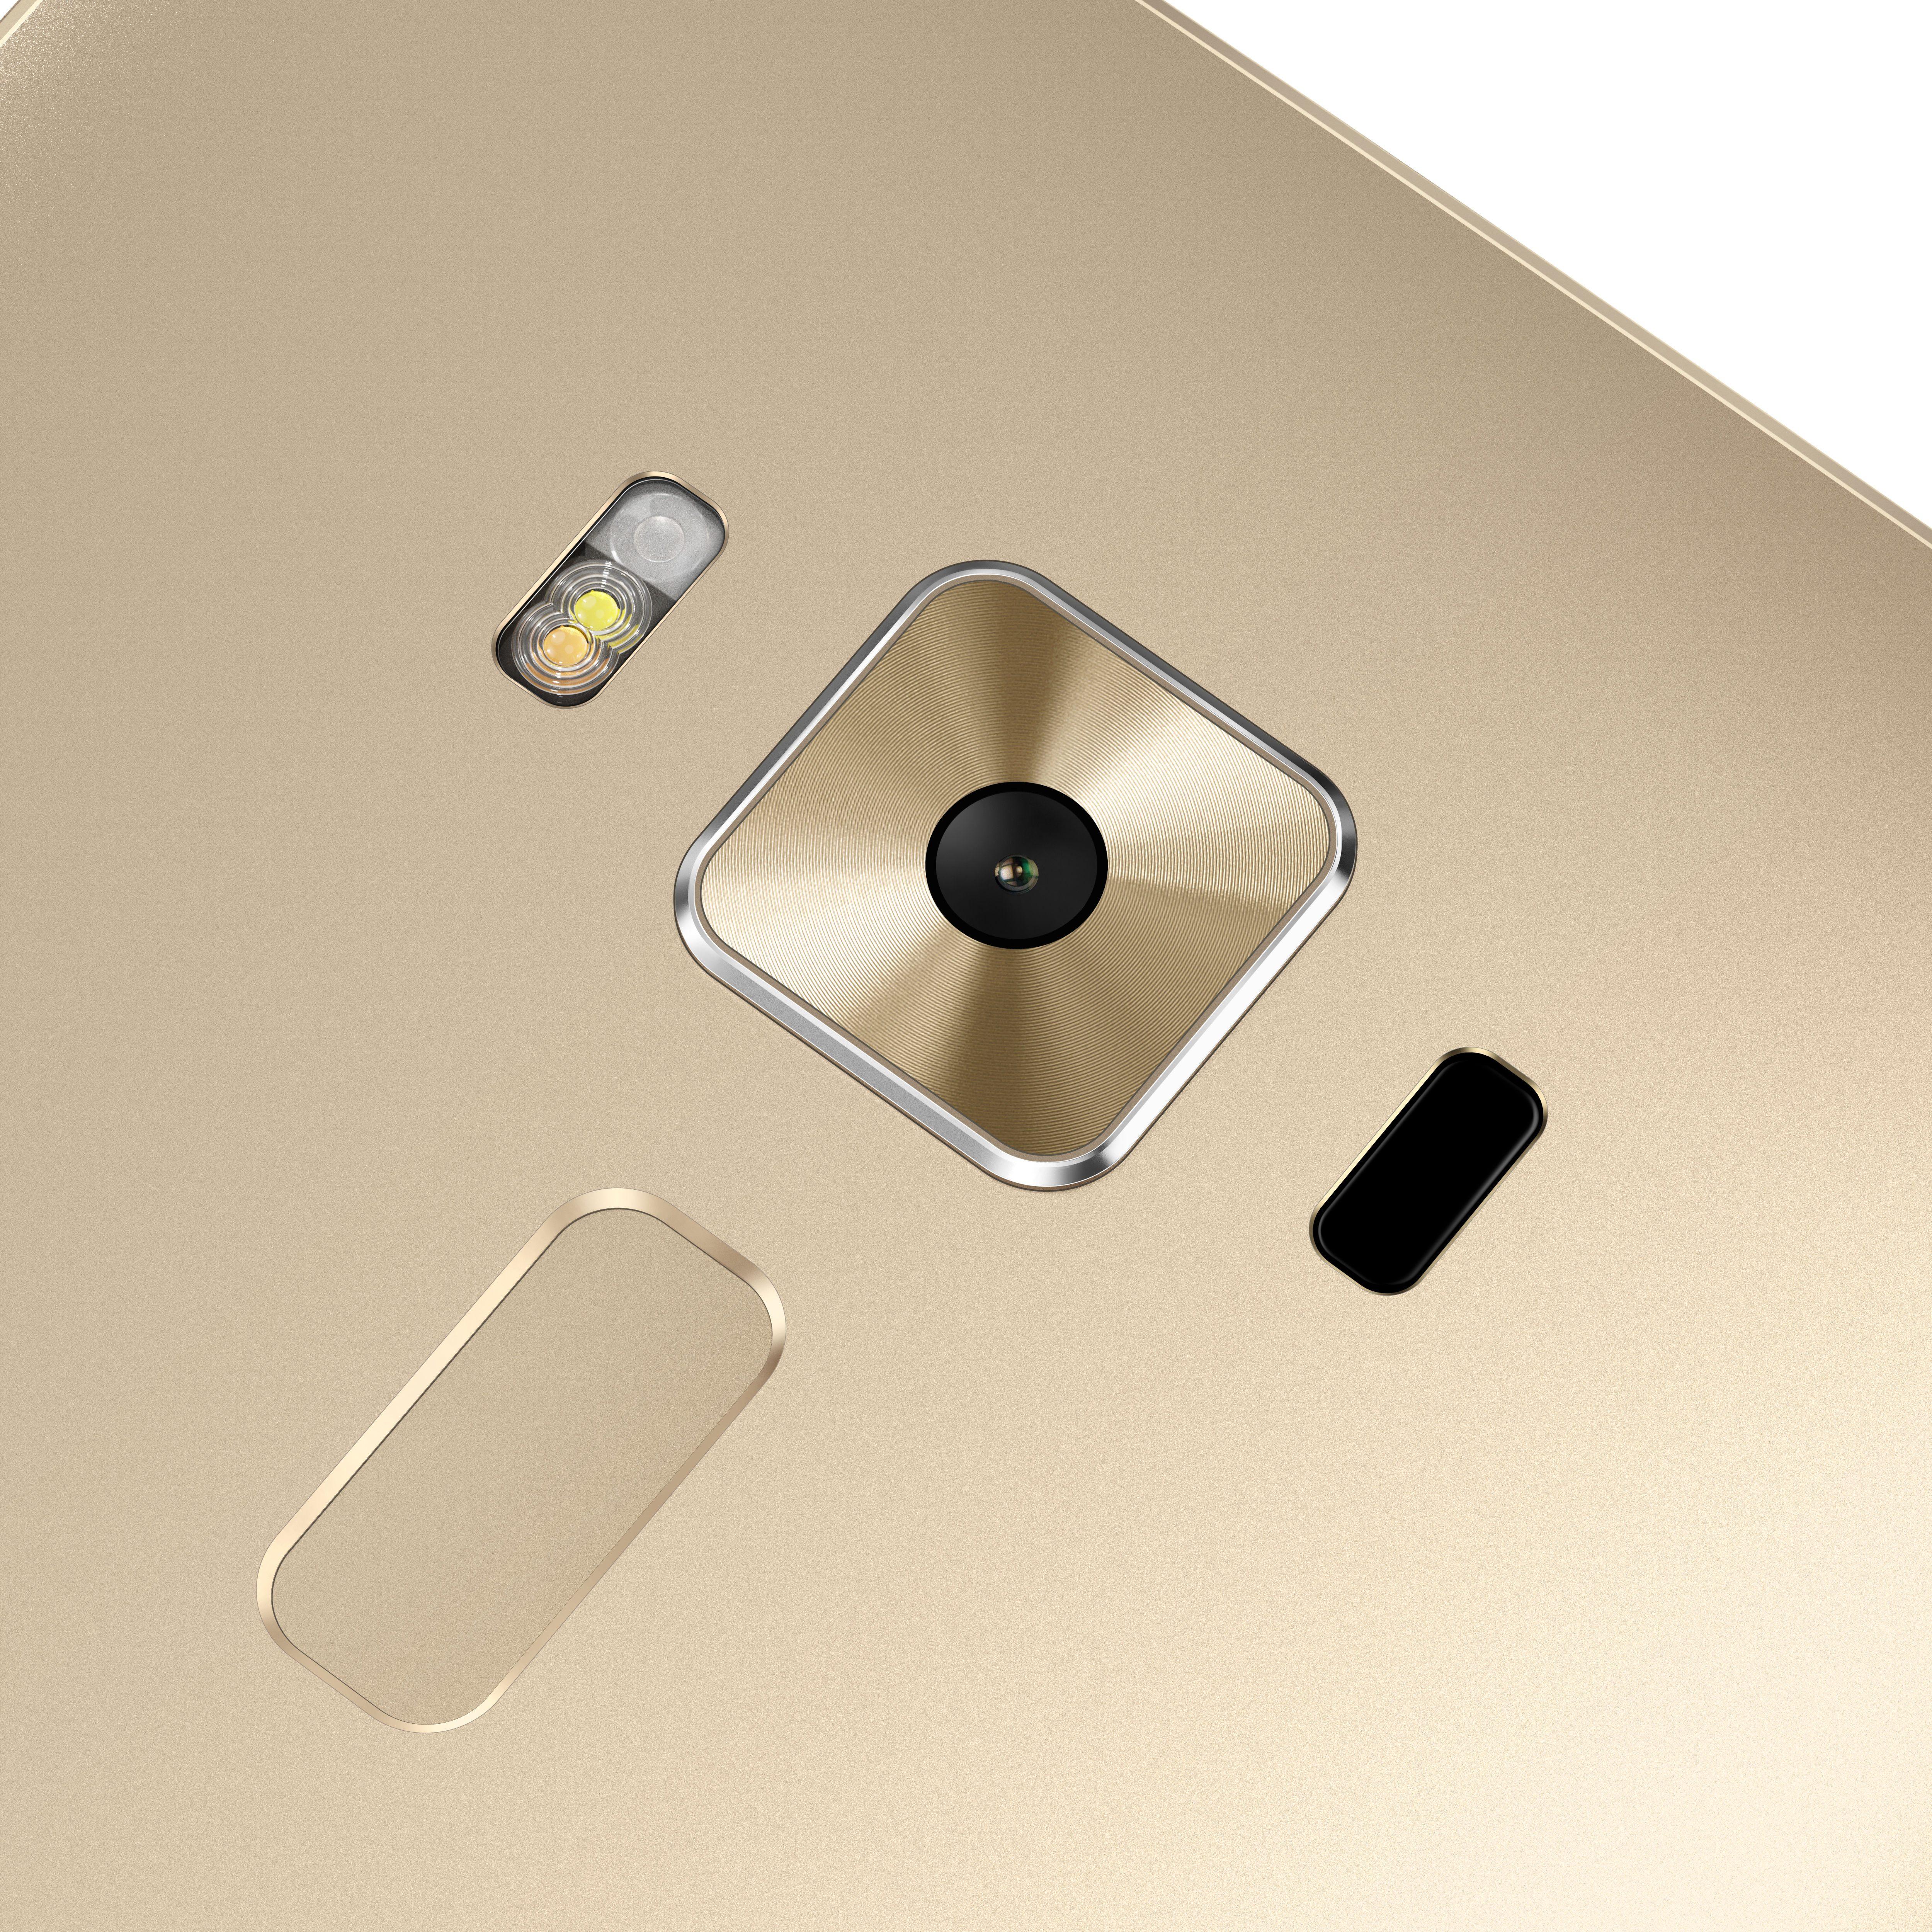 Zenfone 3 Deluxe Rear Camera